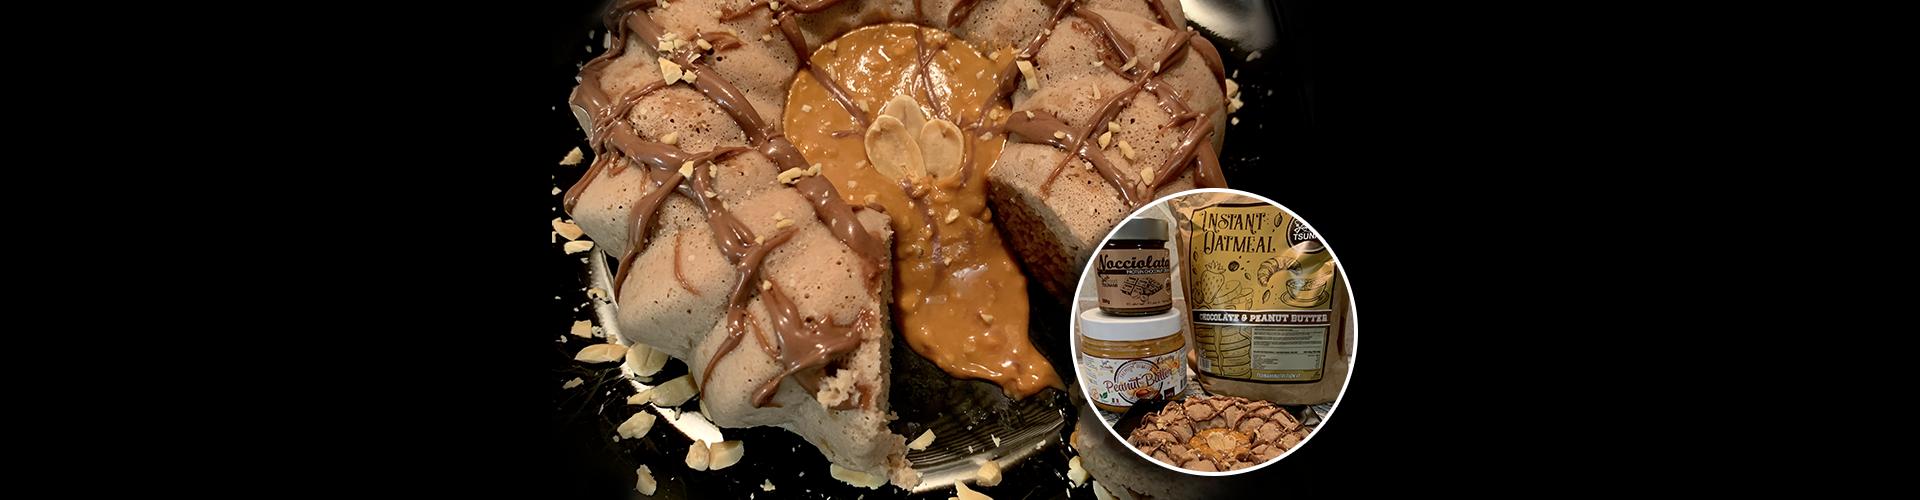 SLIDE-BLOG-LAVA-CAKE